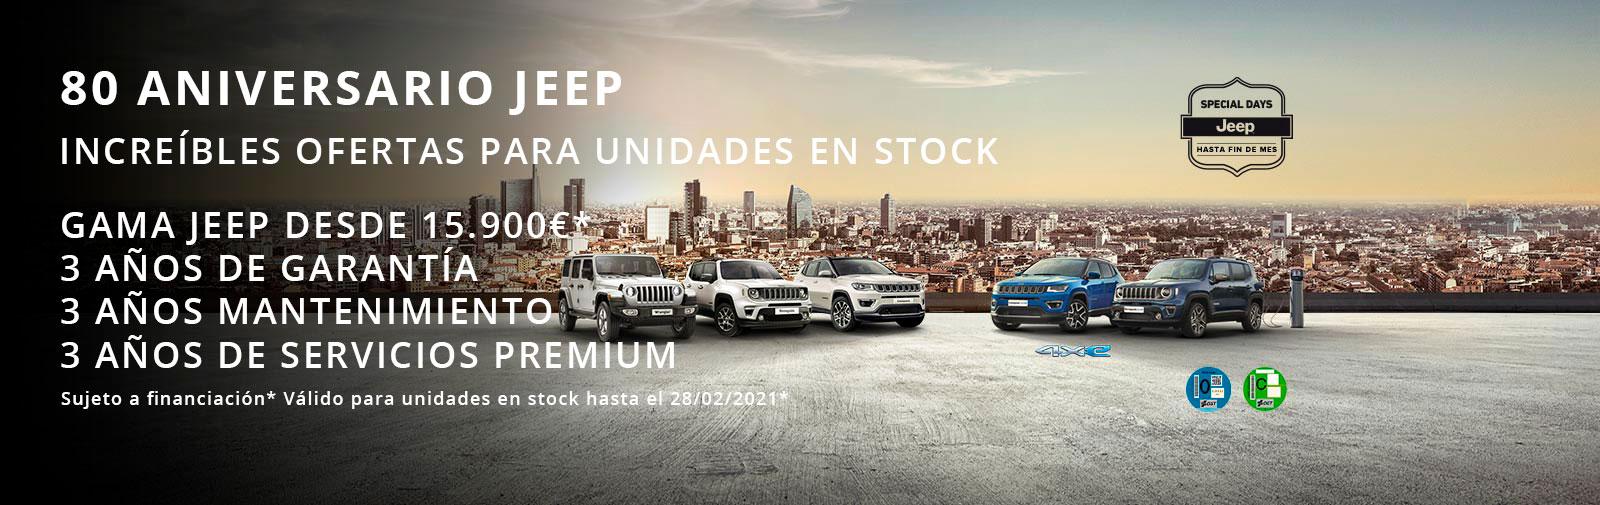 Oferta-Jeep-Aniversario-Vitoria